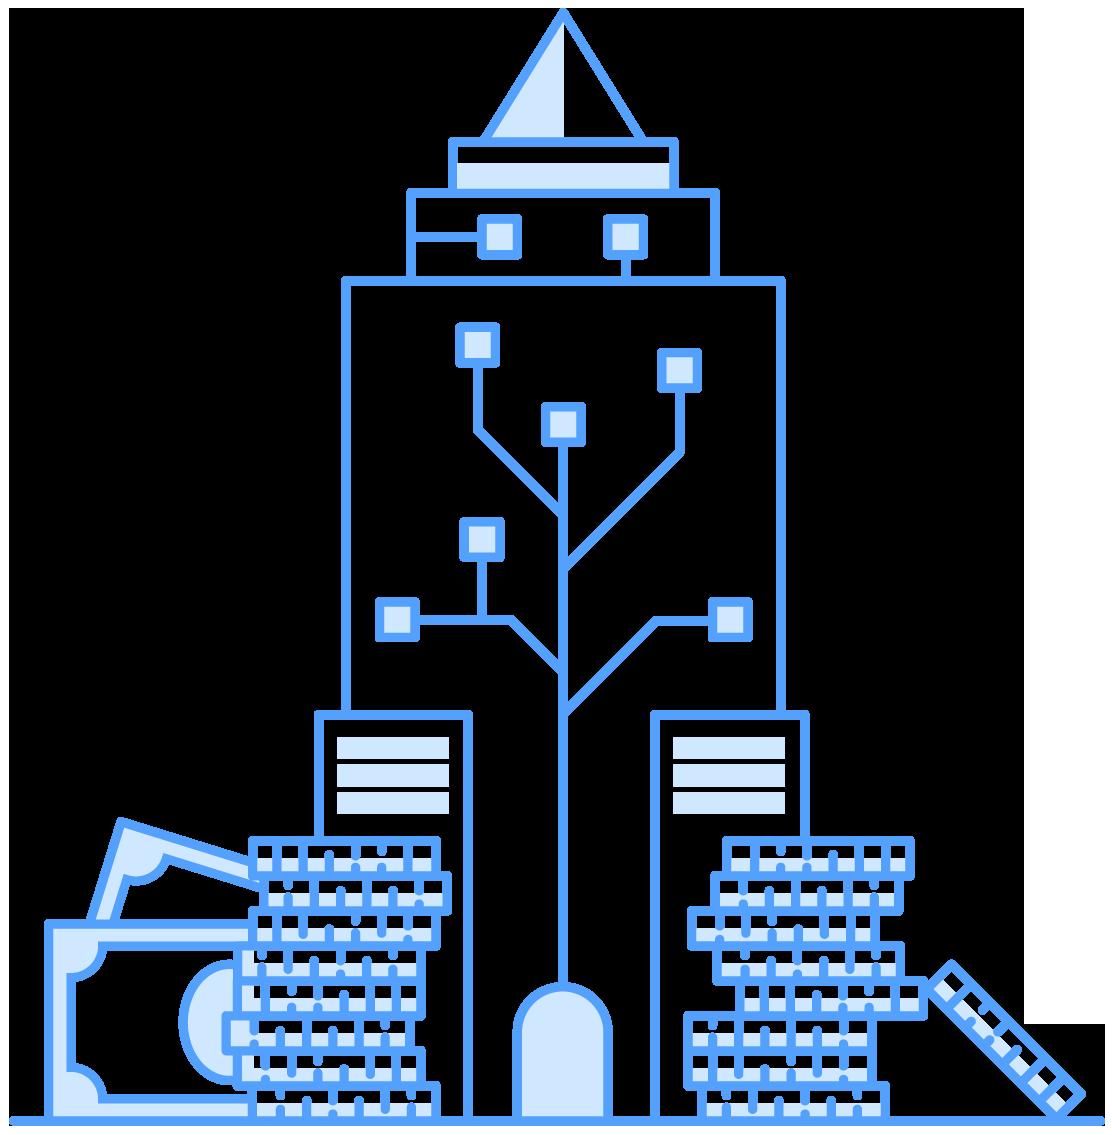 Bitcoin Skyscraper